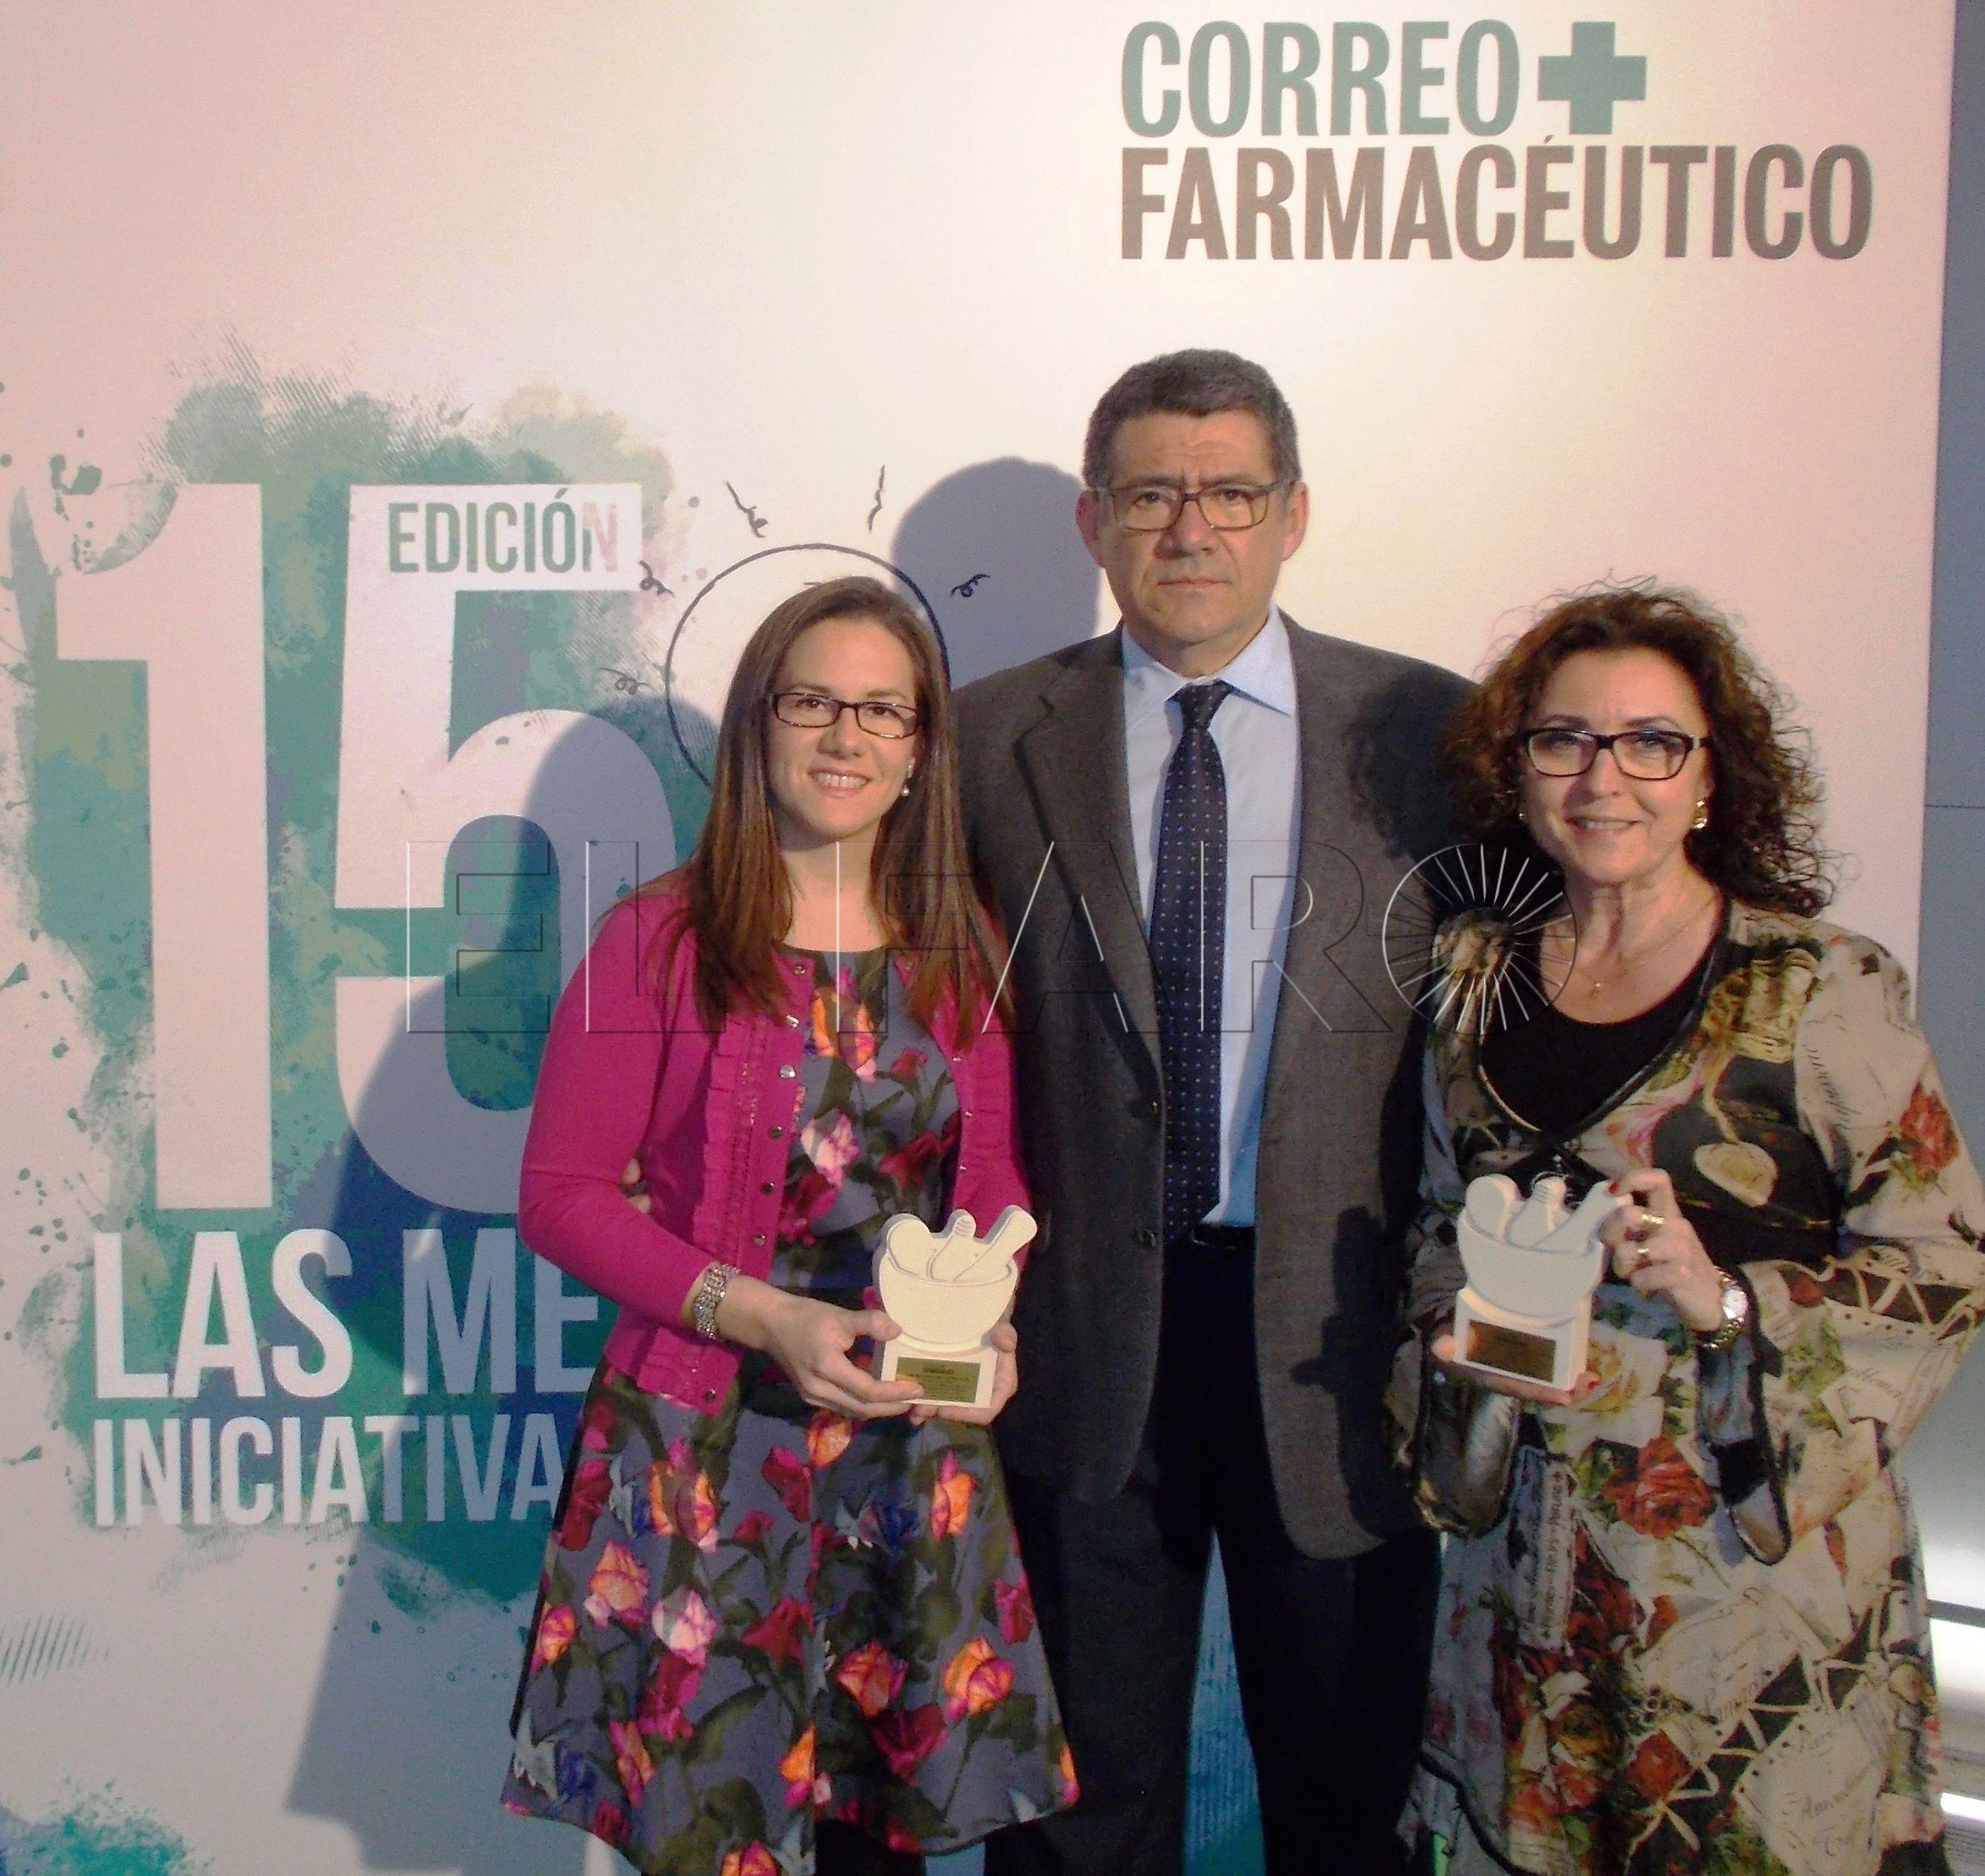 El proyecto de una farmacéutica del Hospital, premiado como una las 'Mejores Iniciativas' de 2016